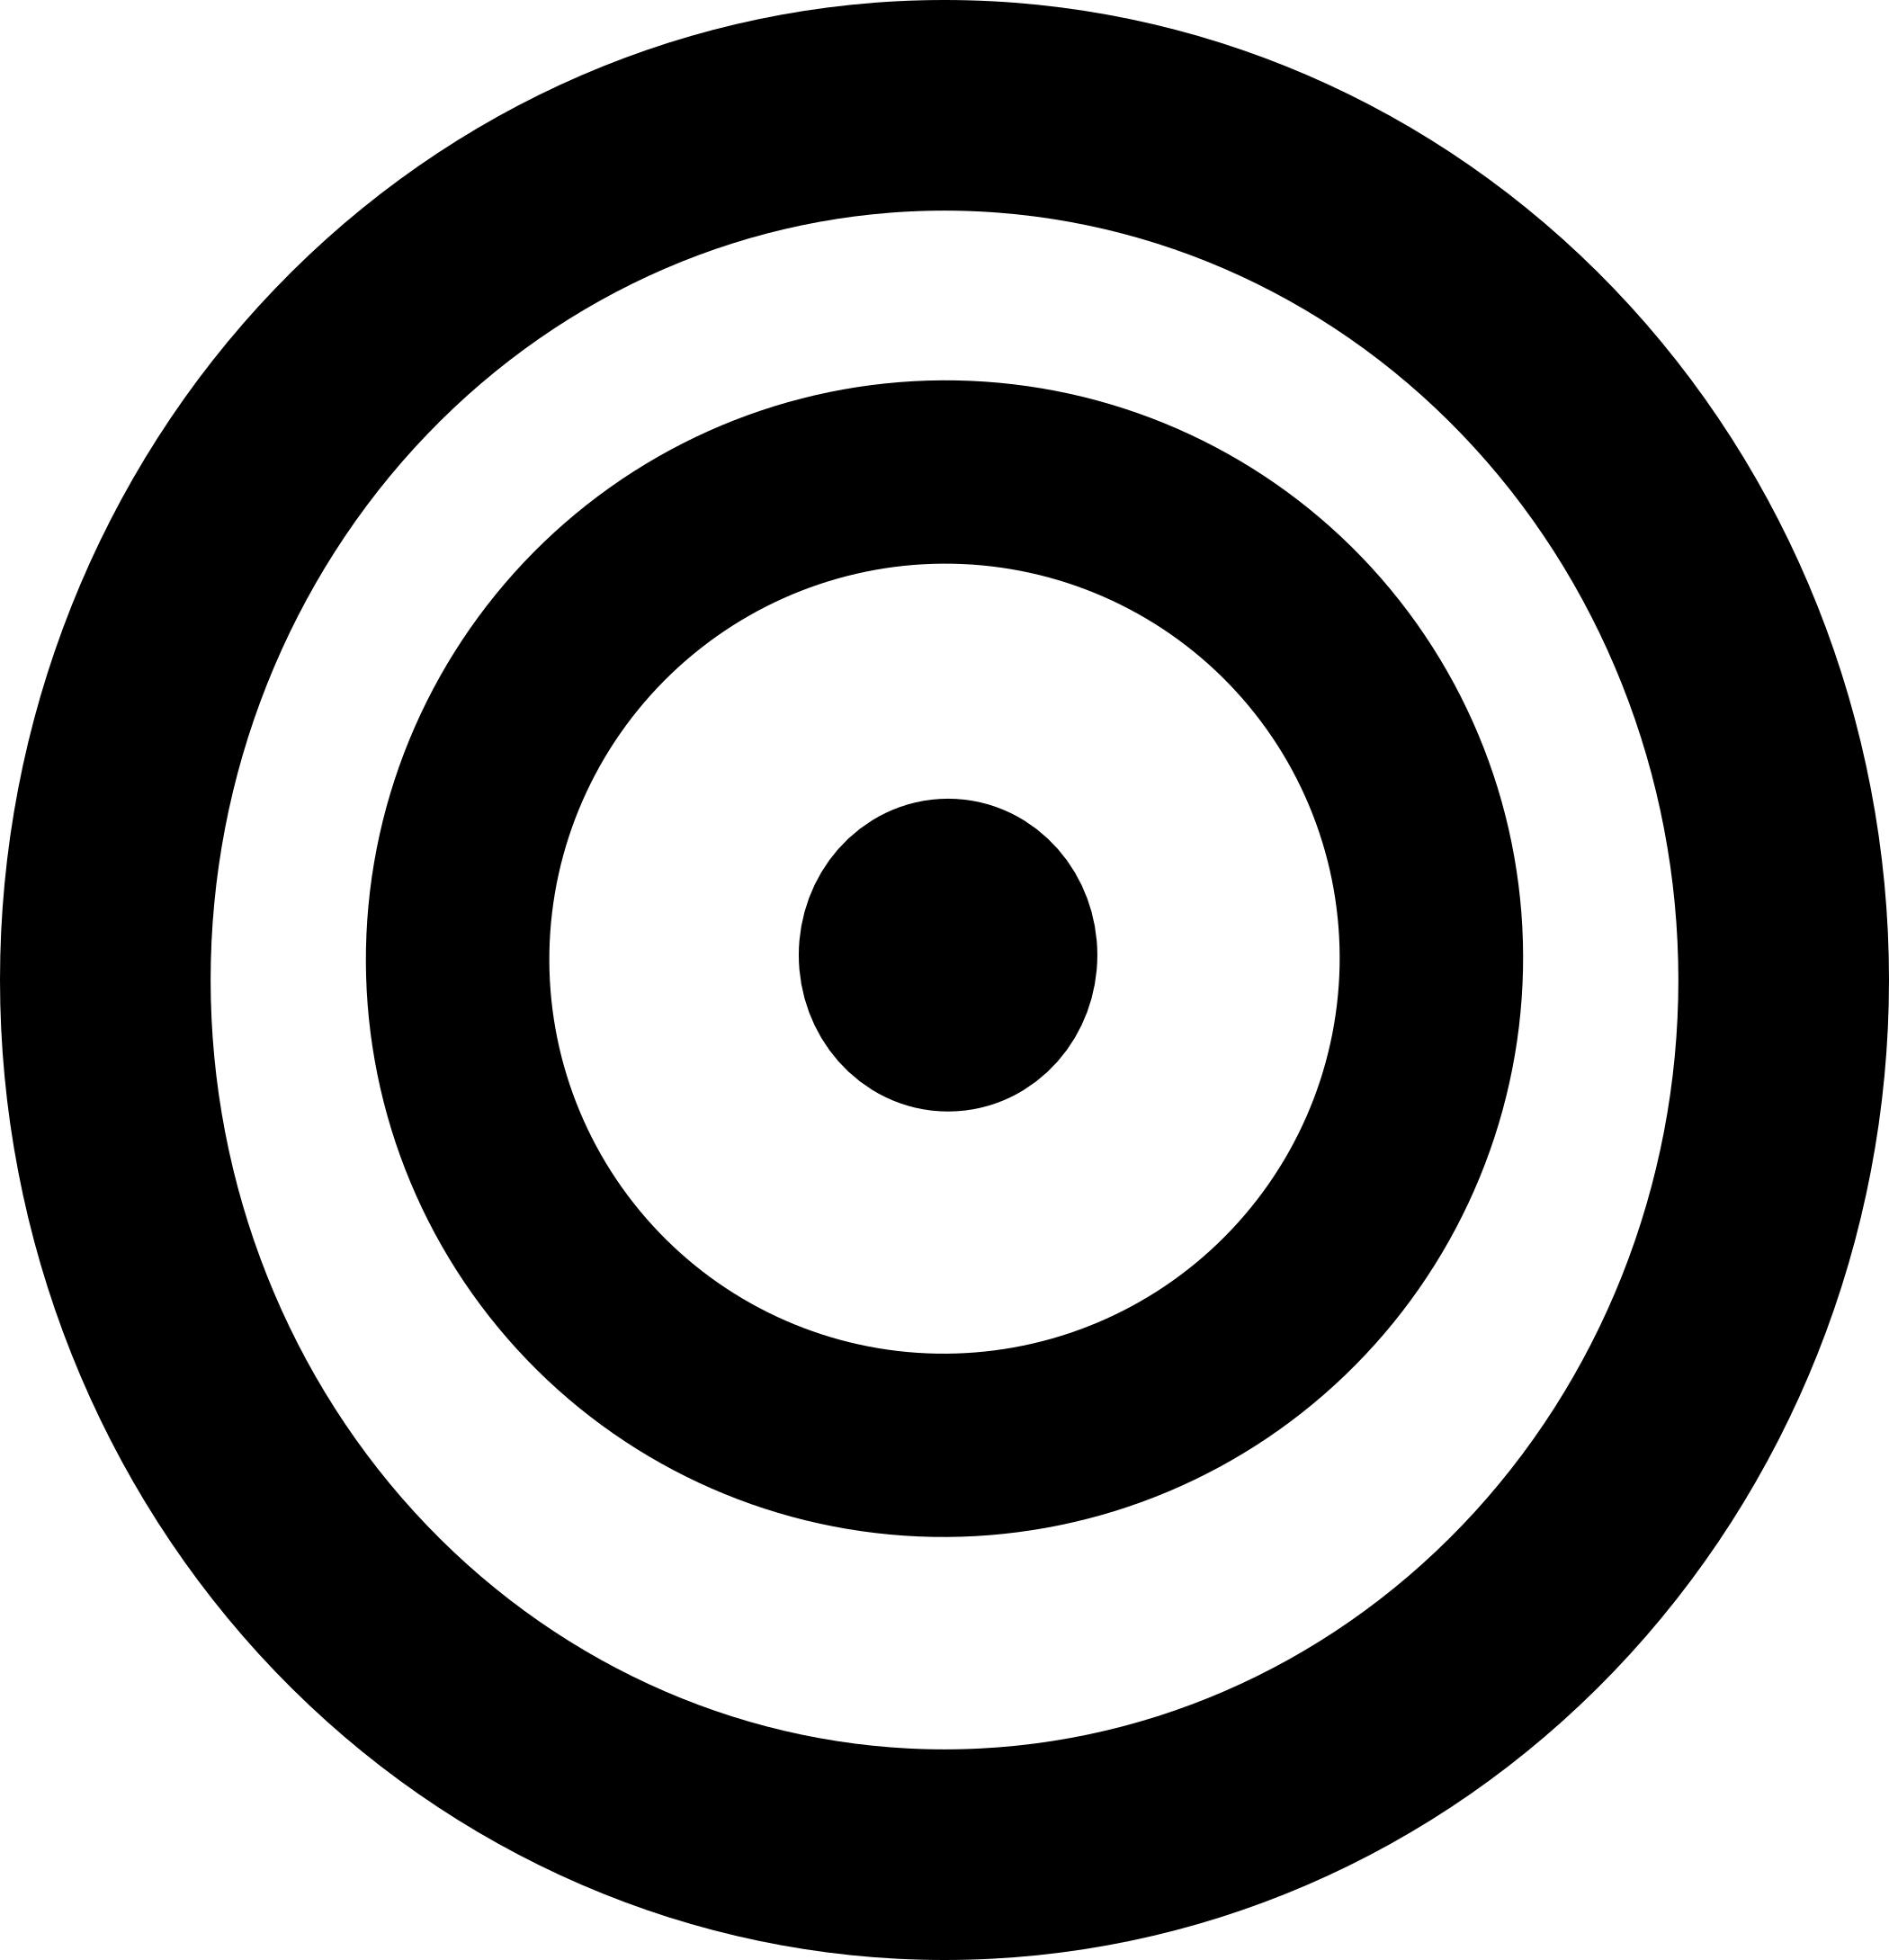 roda-giro-solidario-branco-1